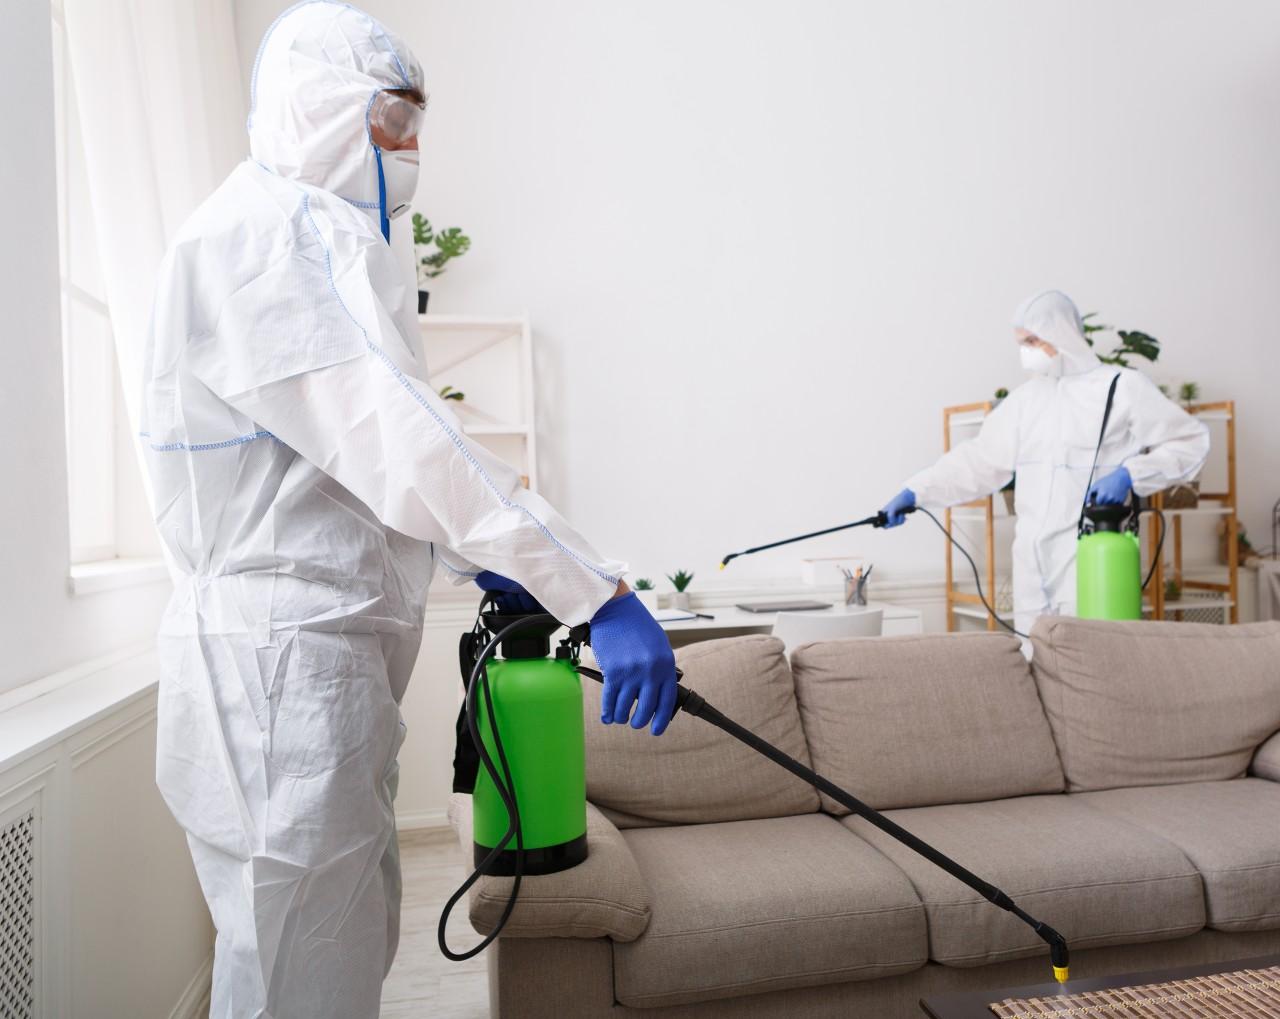 Coronavírus: saiba como eliminar vírus e bactérias dos ambientes